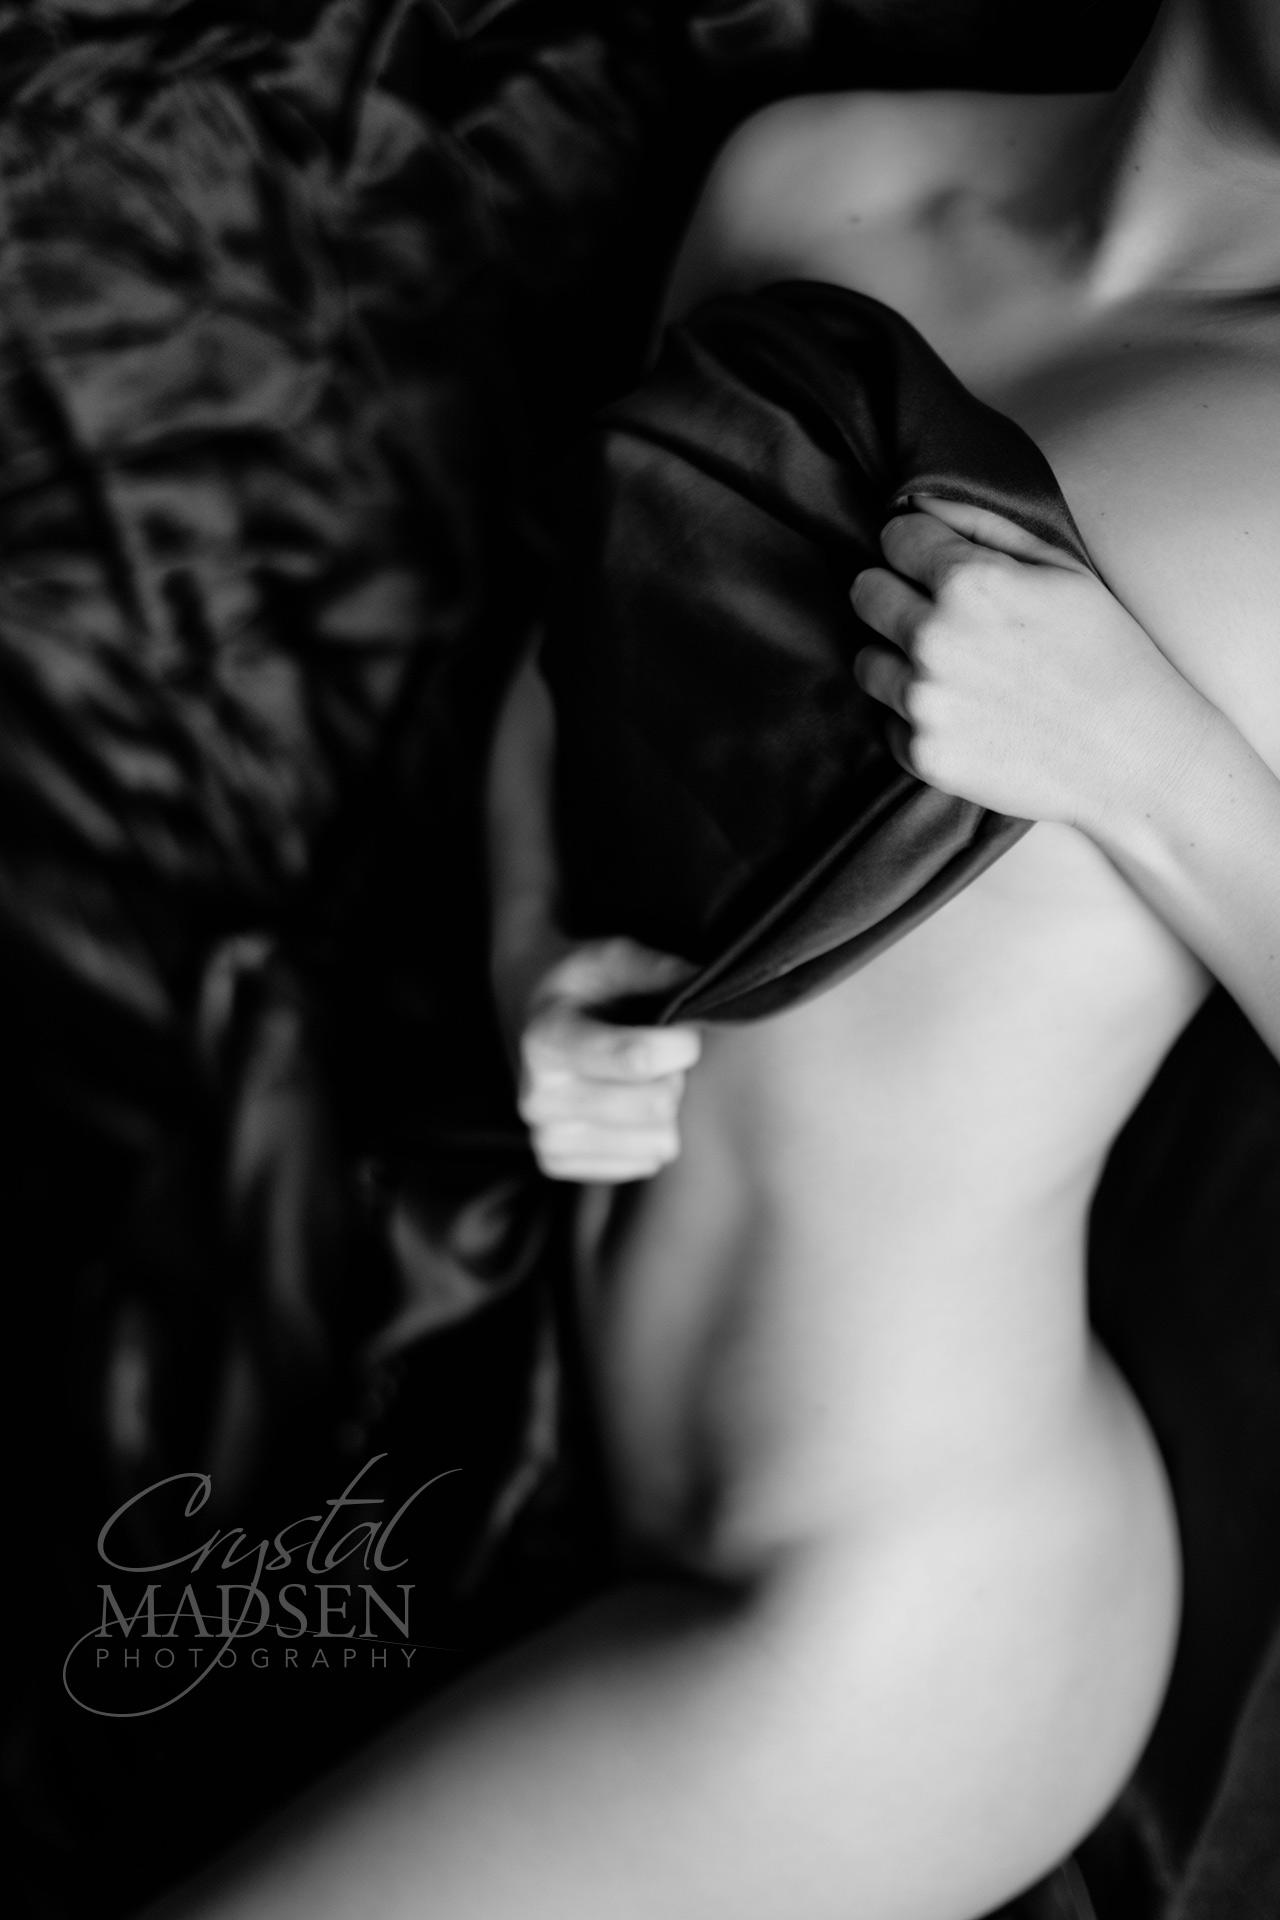 Sexy boudoir poses